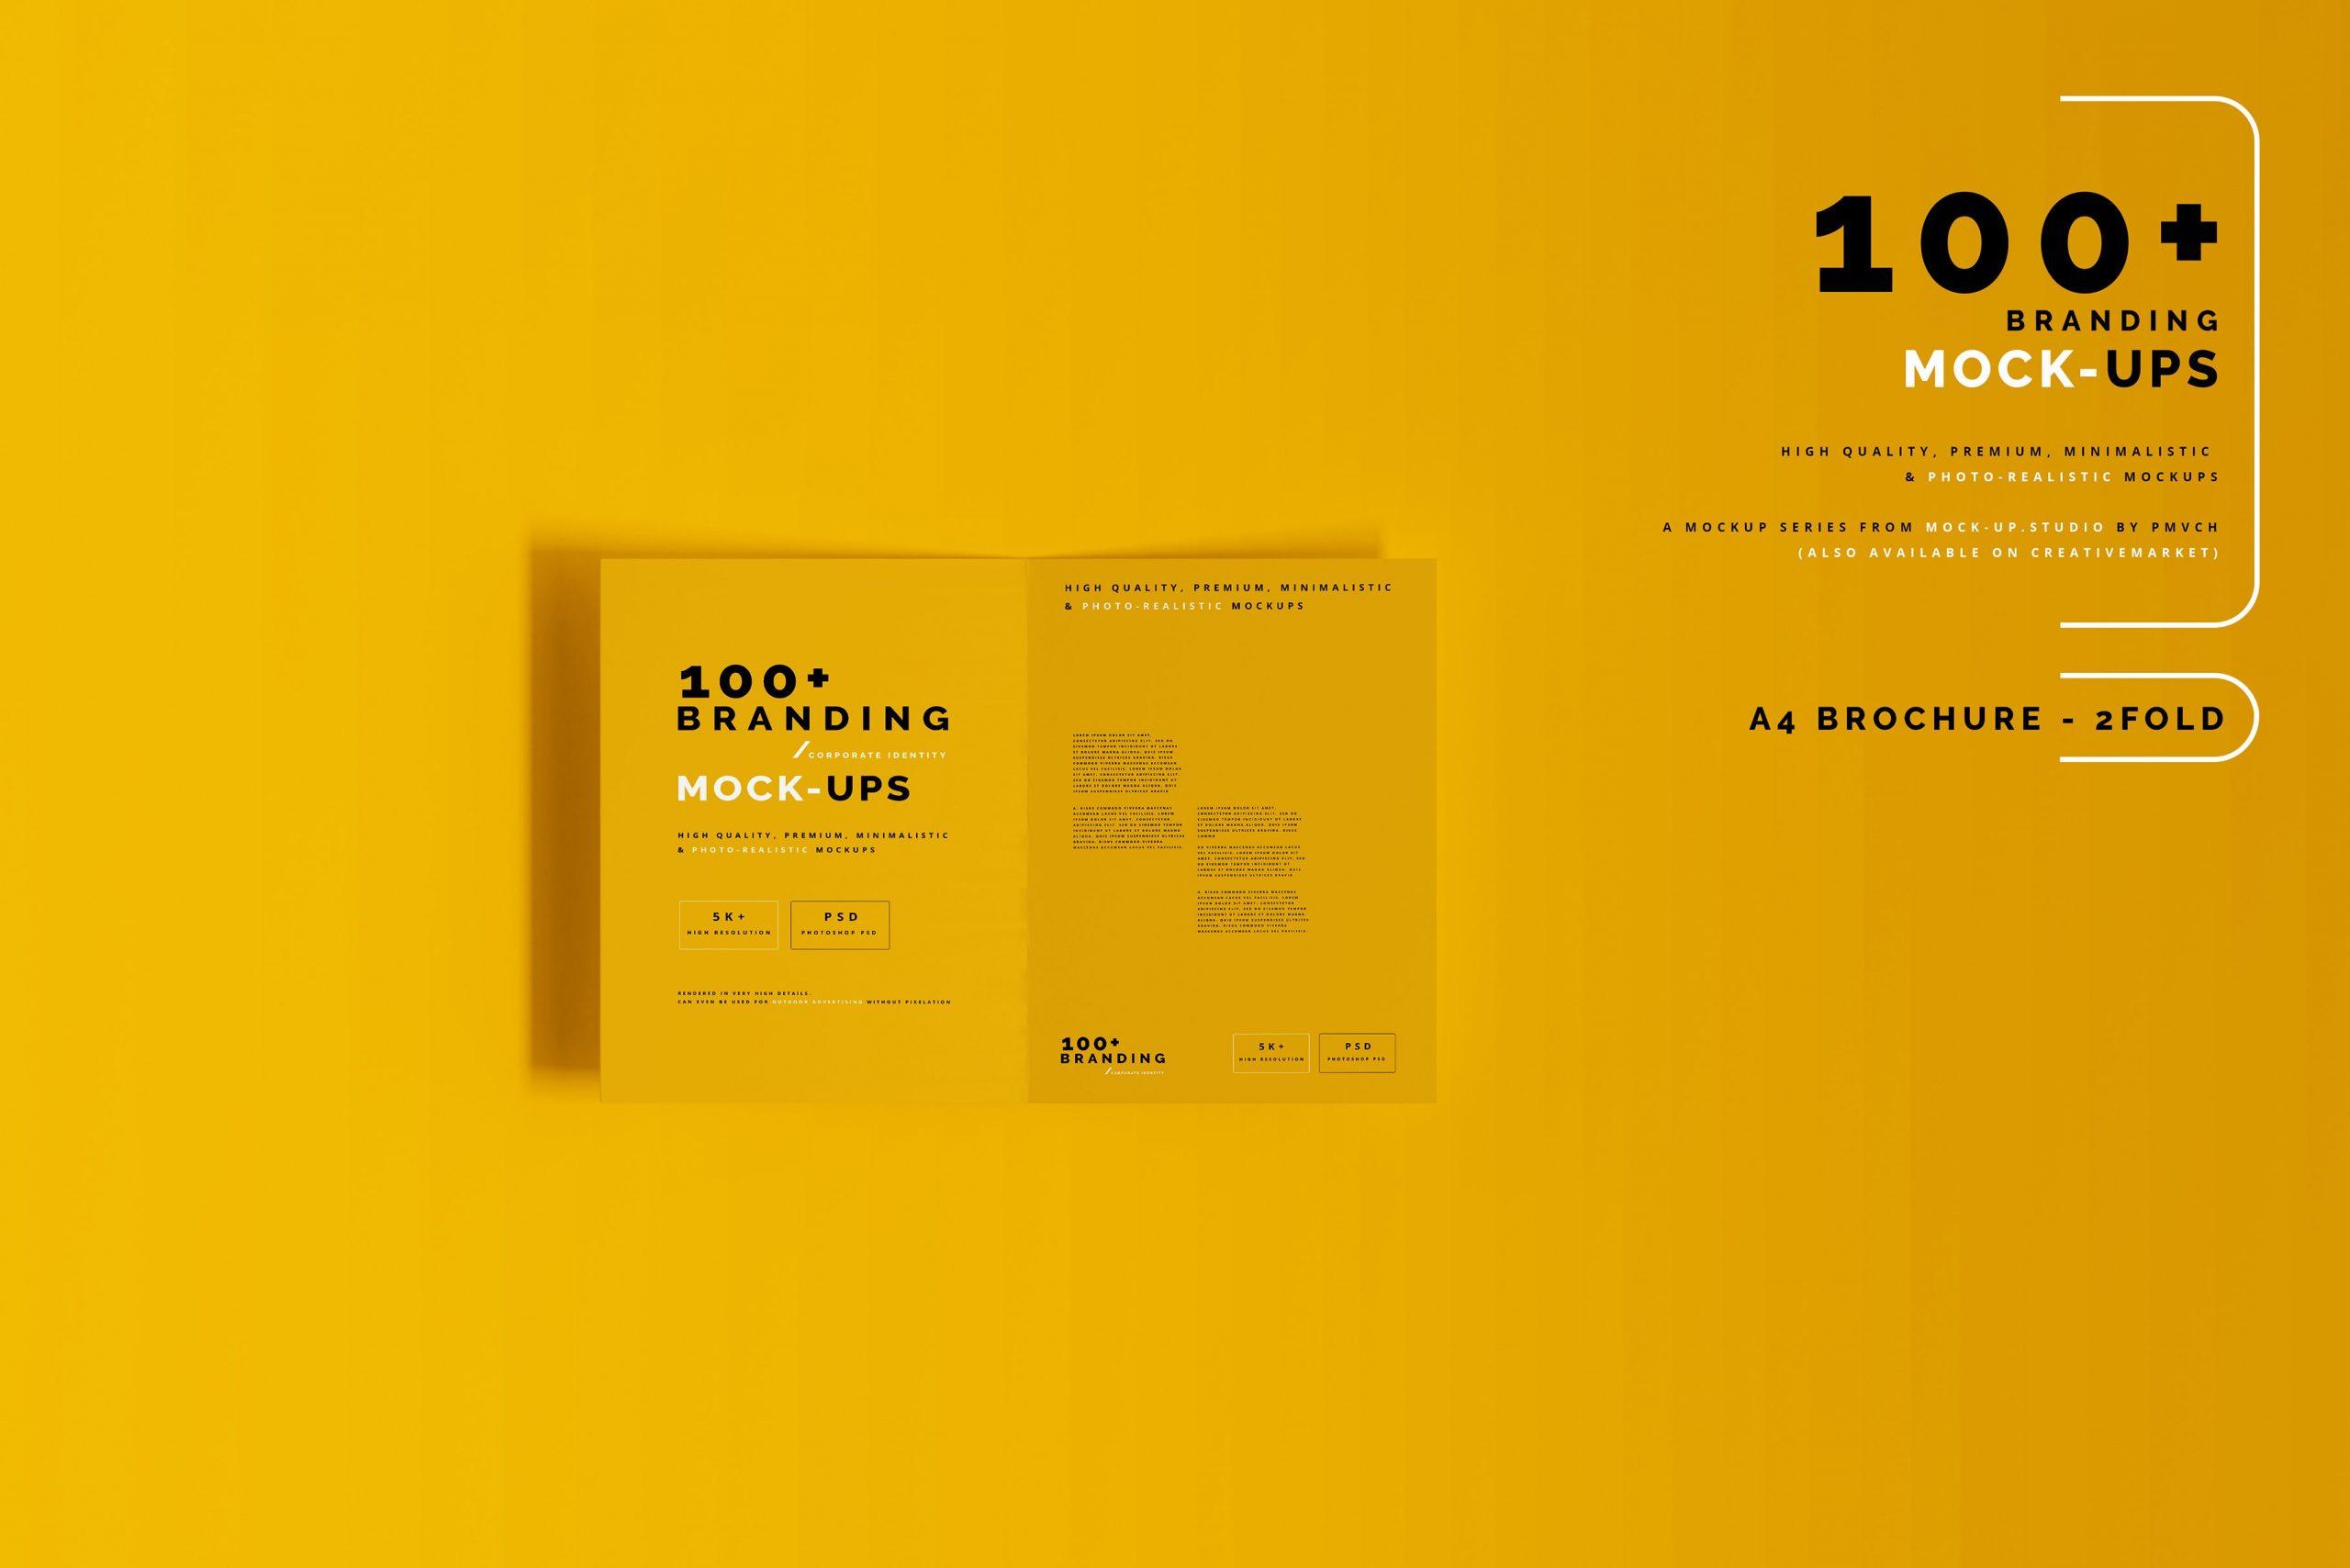 VI样机:100多个宣传册书籍瓶子名片CD封套咖啡杯化妆品海报横幅高分辨率品牌PSD样机(4248)插图(20)